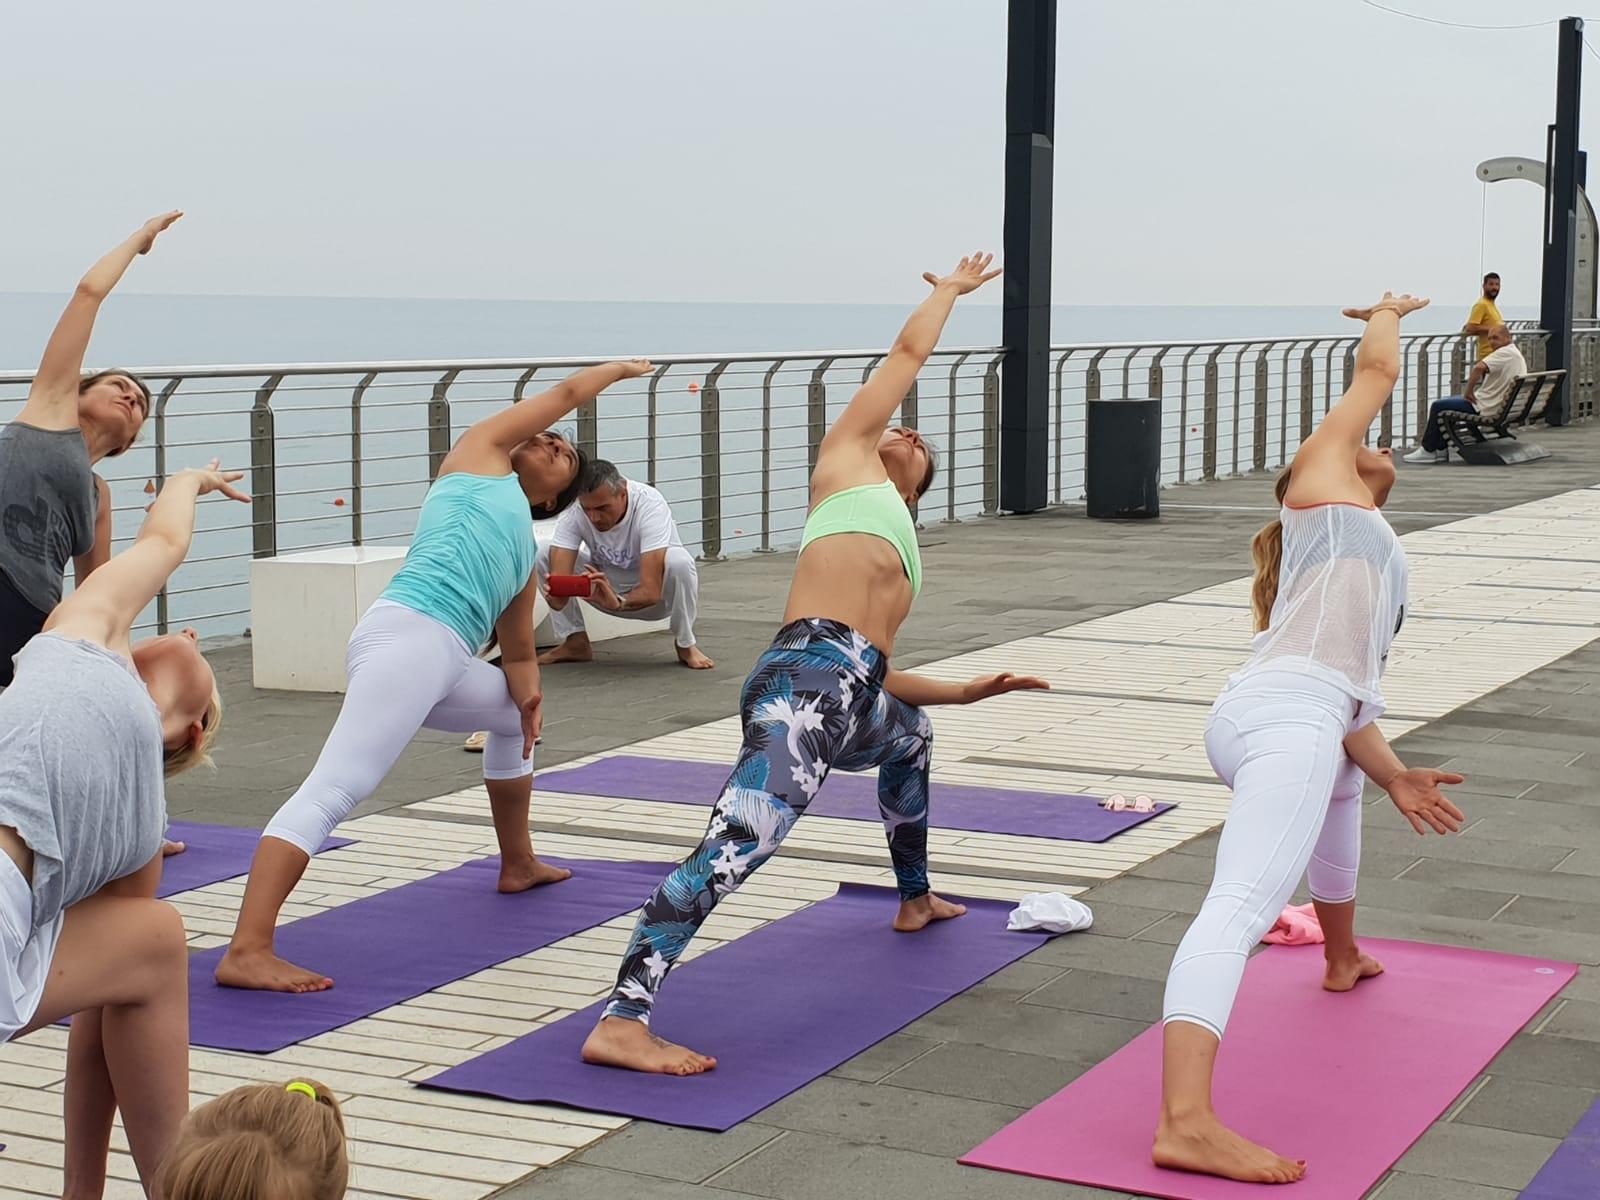 1_essere-free-yoga-gratuito-benessere-per-tutti-village-citta-alassio-estate-lucia-ragazzi-summer-town-wellness-086